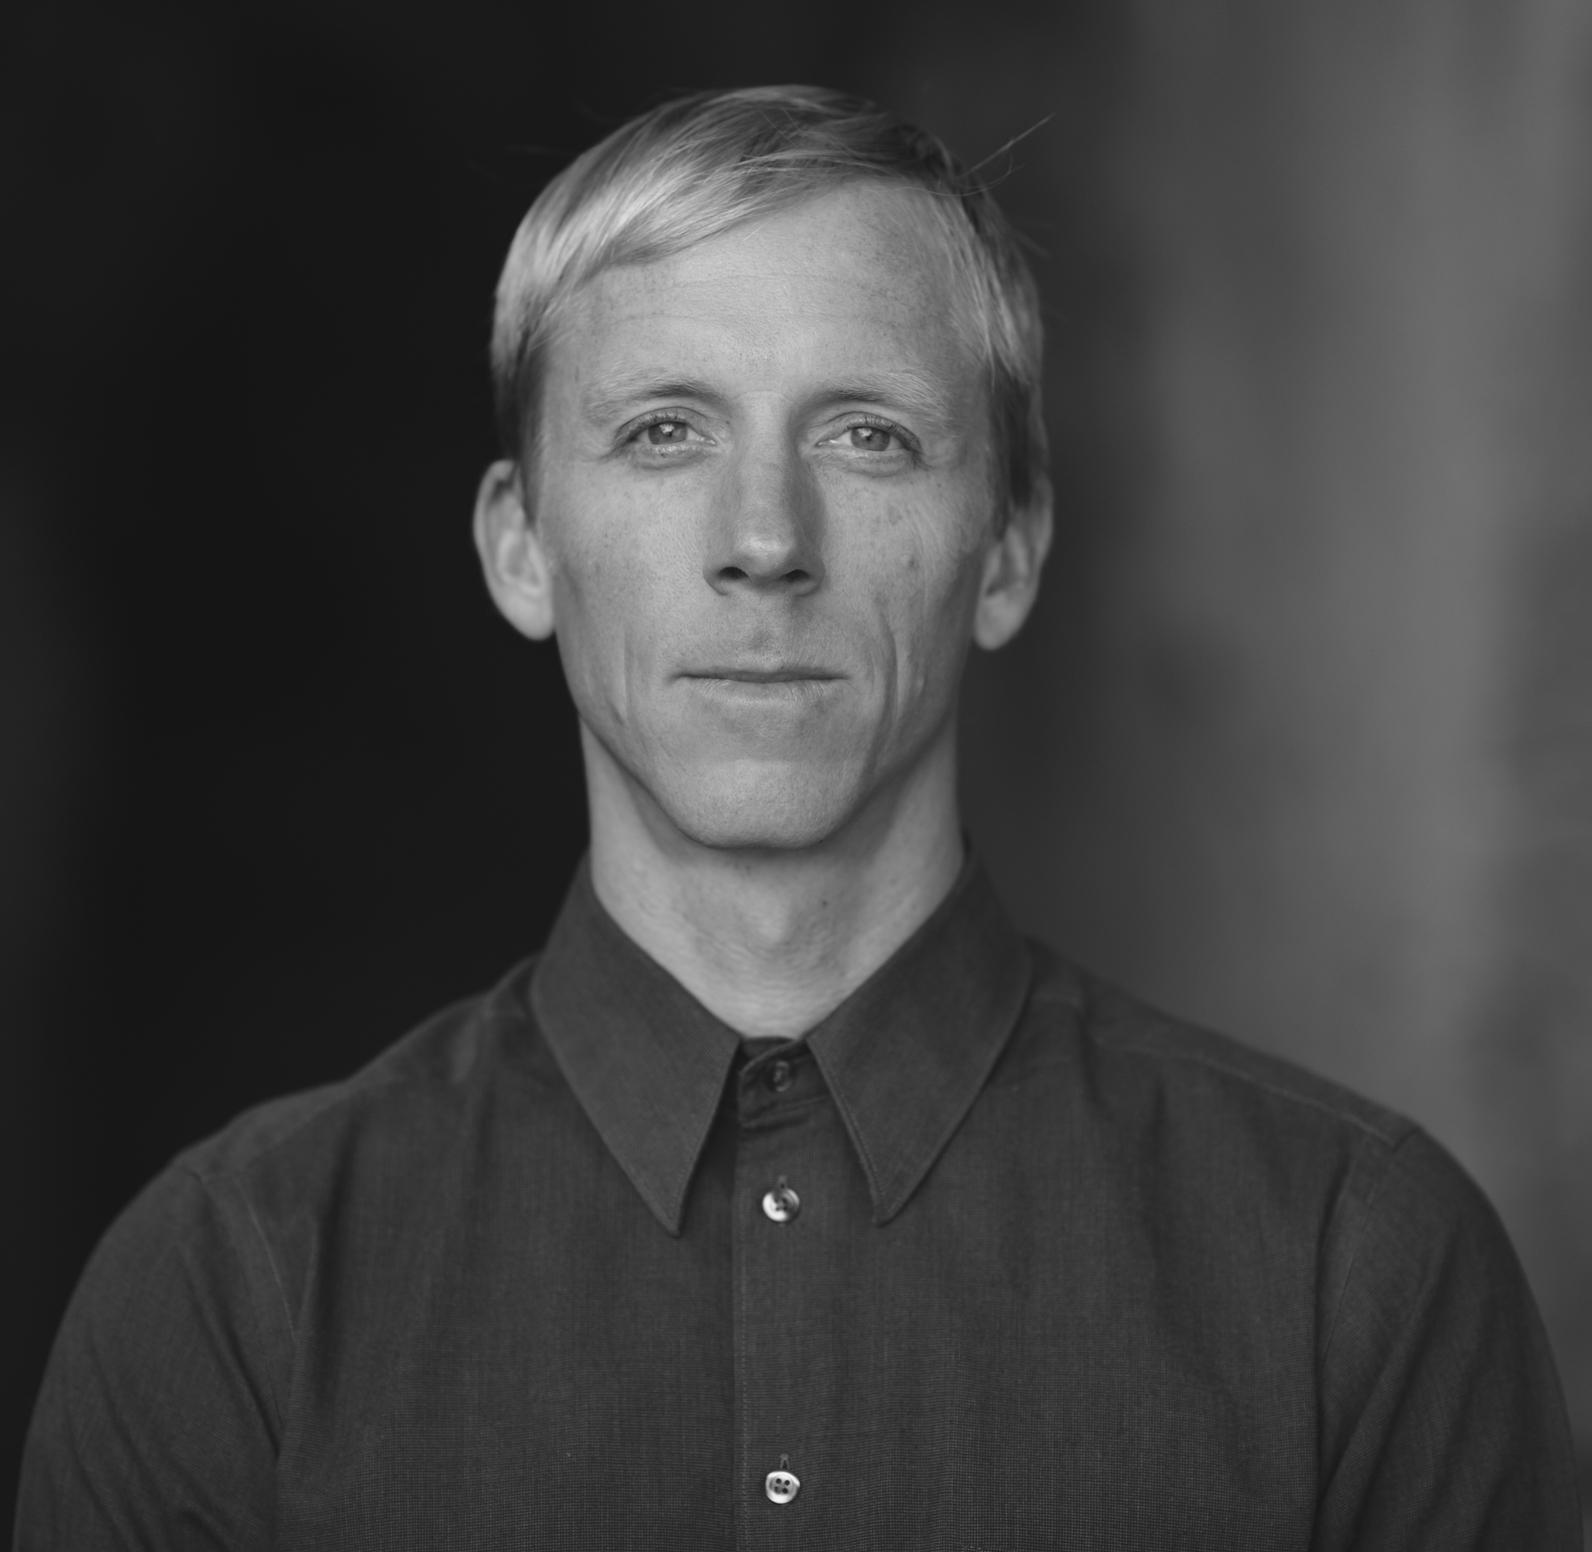 Markus Pukonen